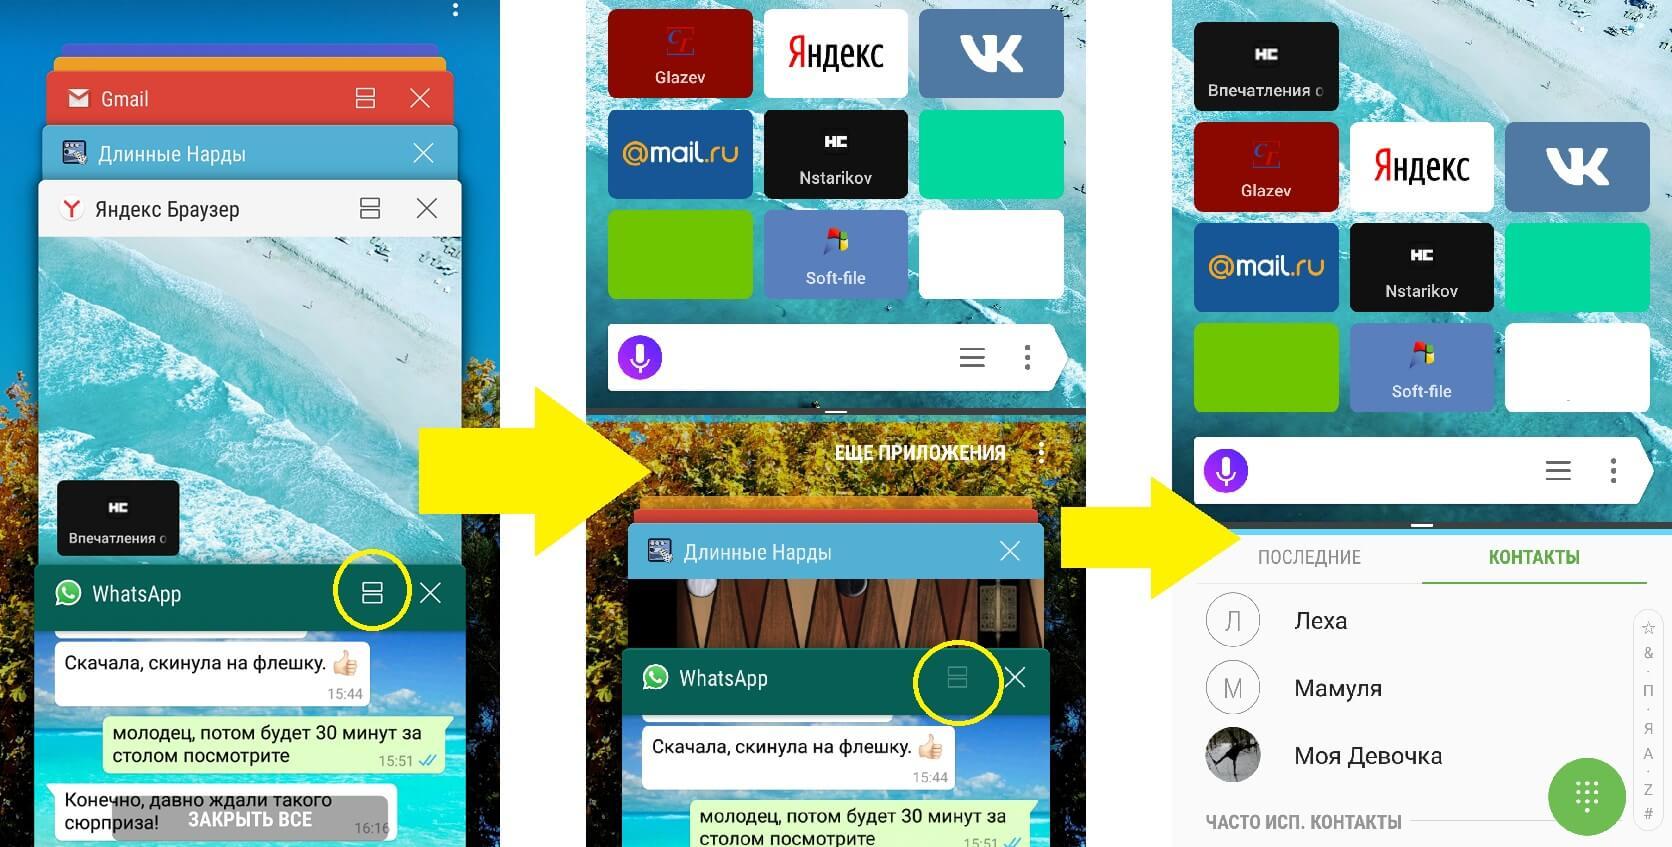 Как включить режим мультиоконности на Android